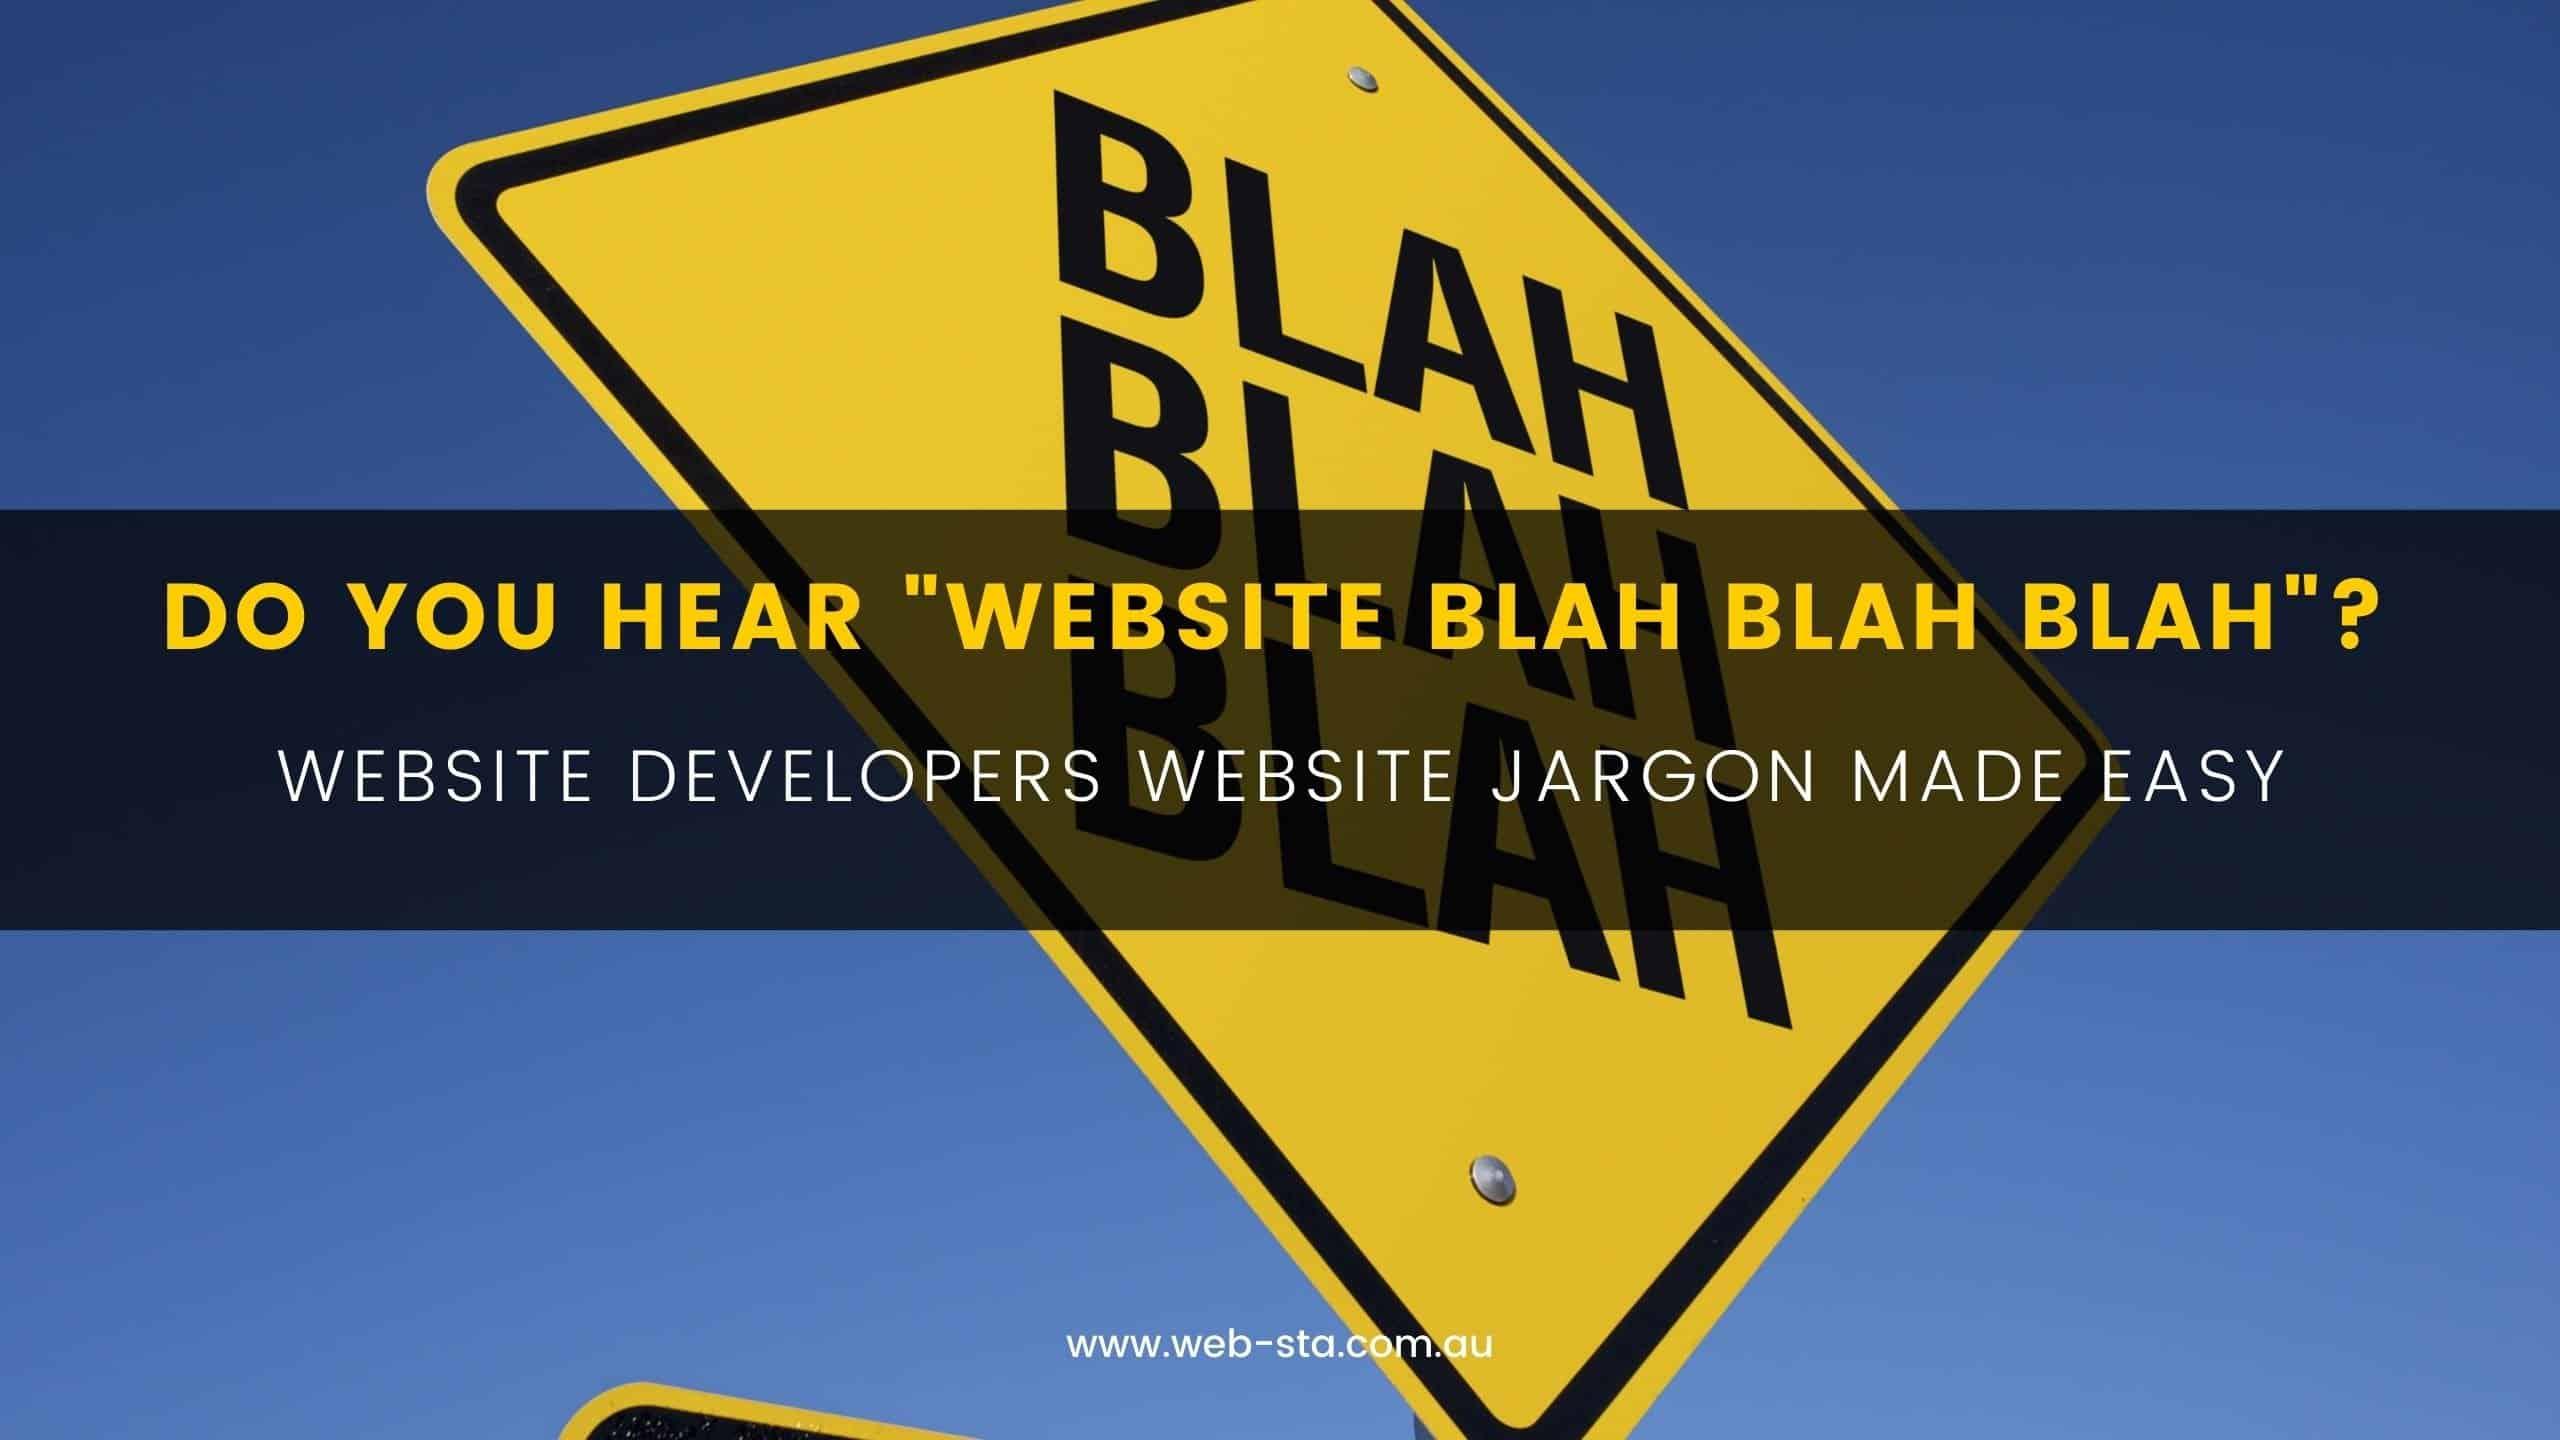 """DO YOU HEAR """"WEBSITE BLAH BLAH BLAH""""?"""